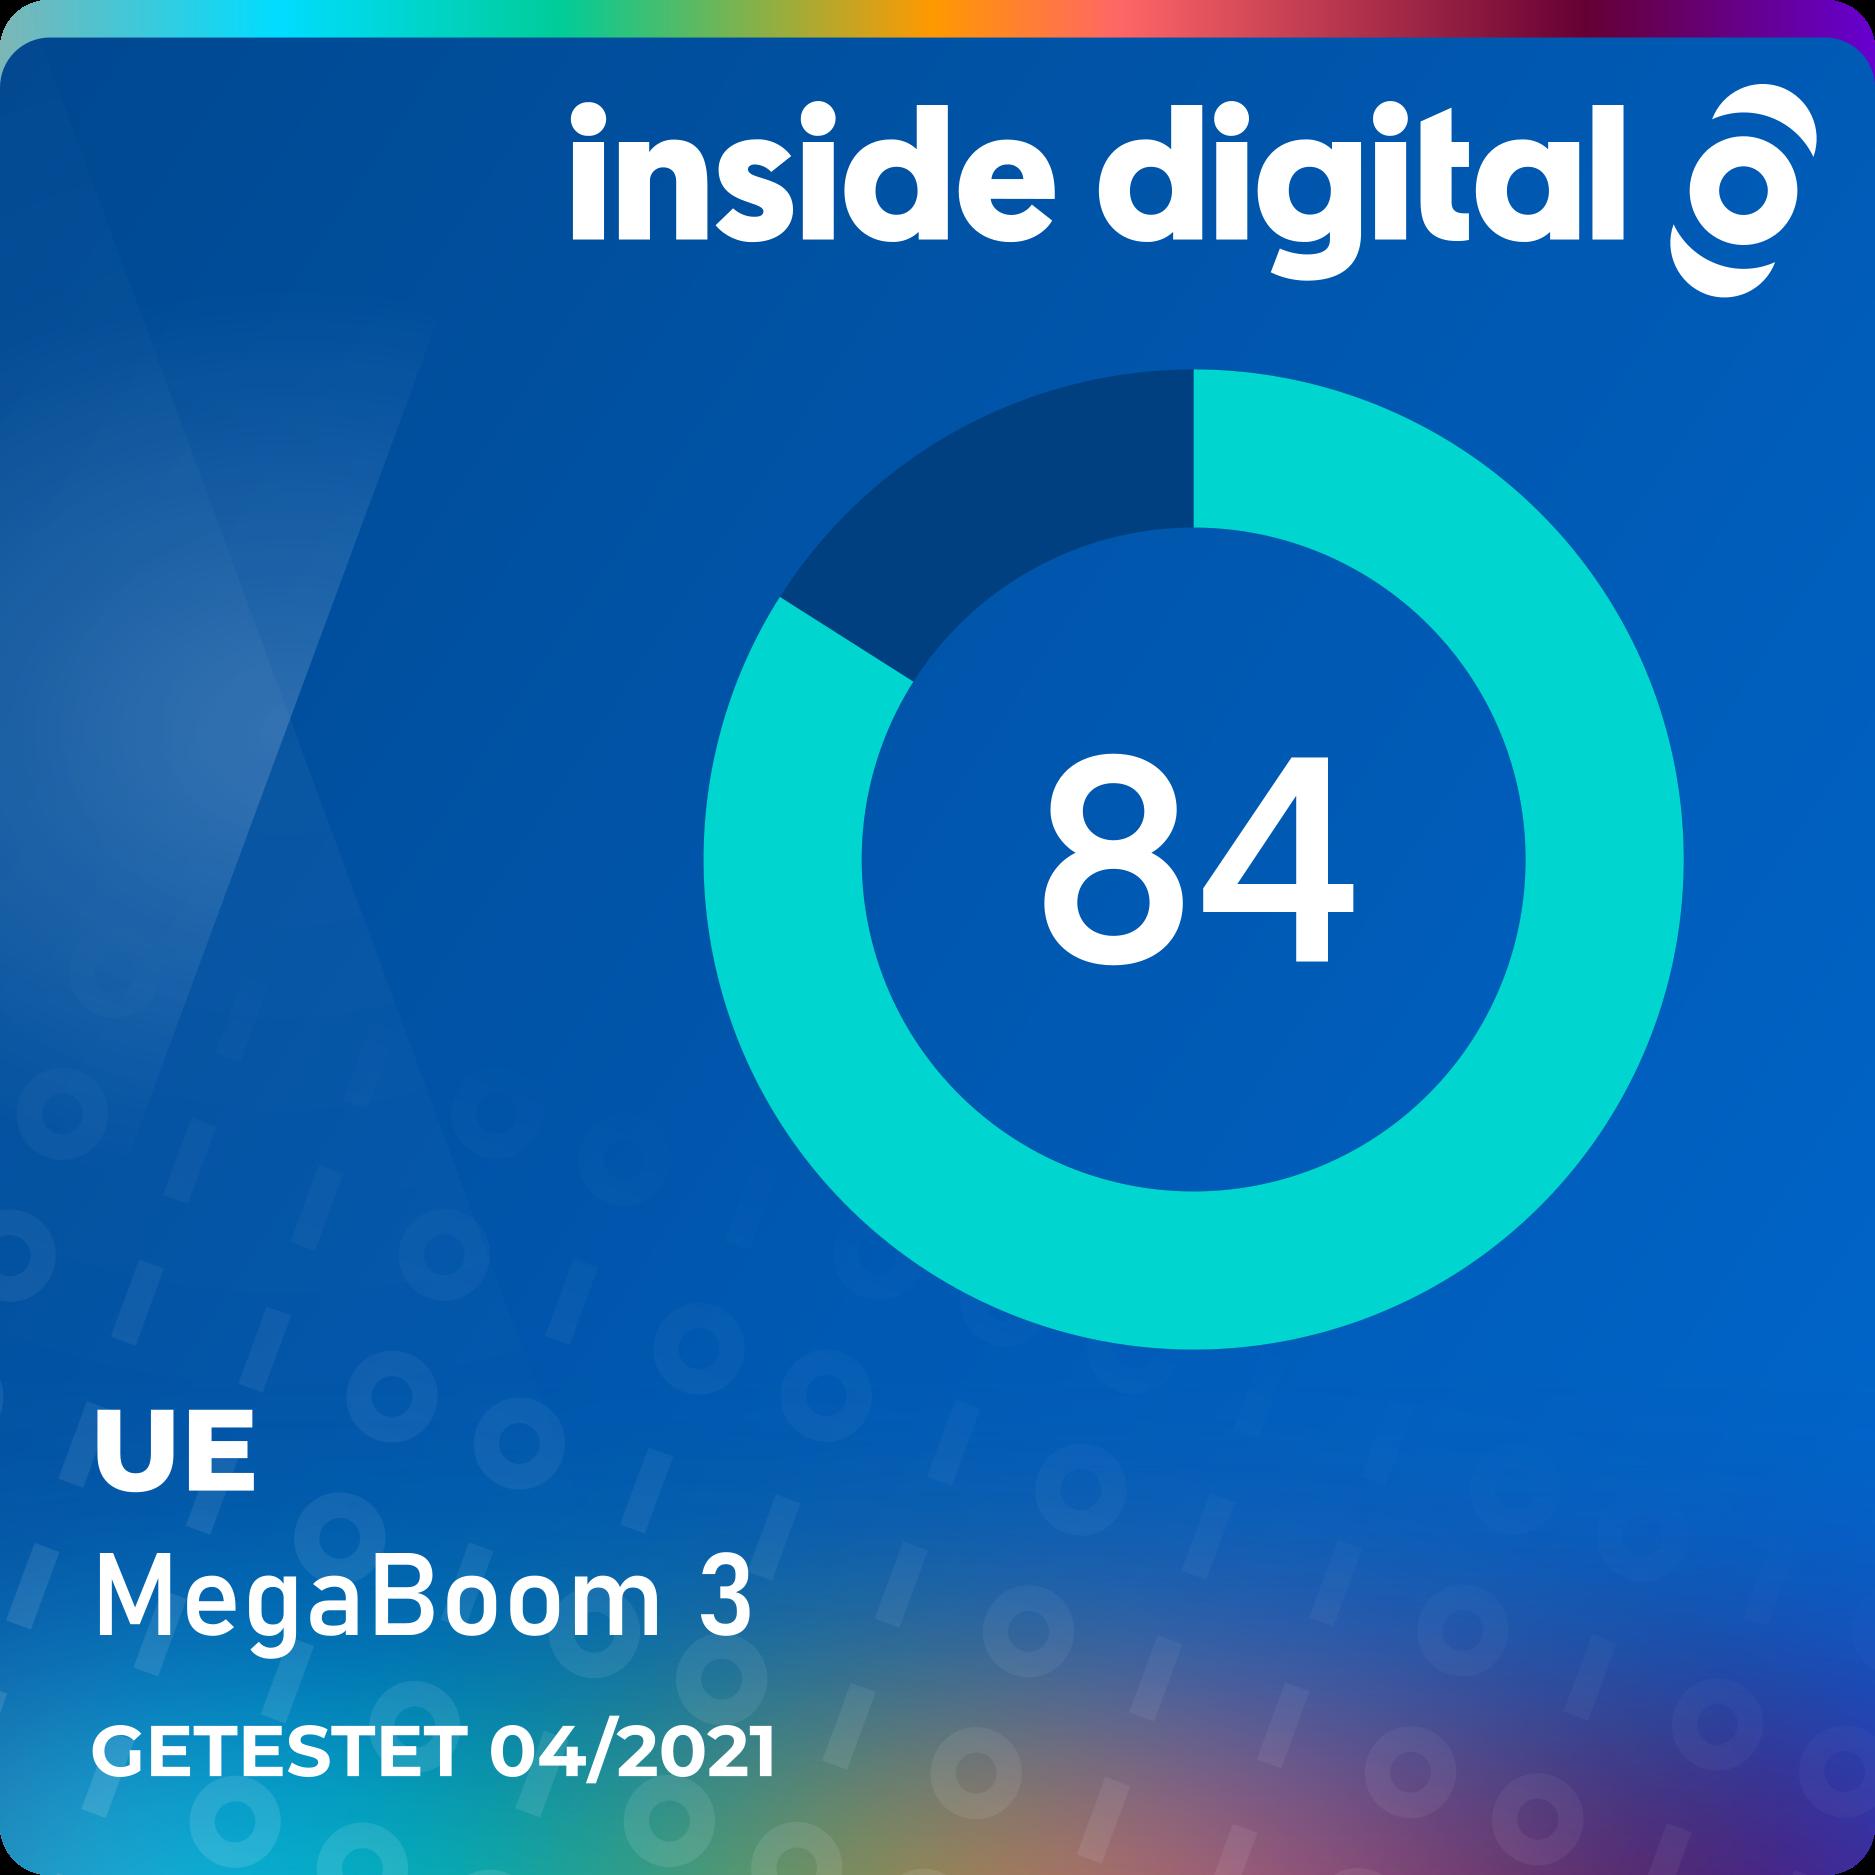 UE MegaBoom 3 im Test